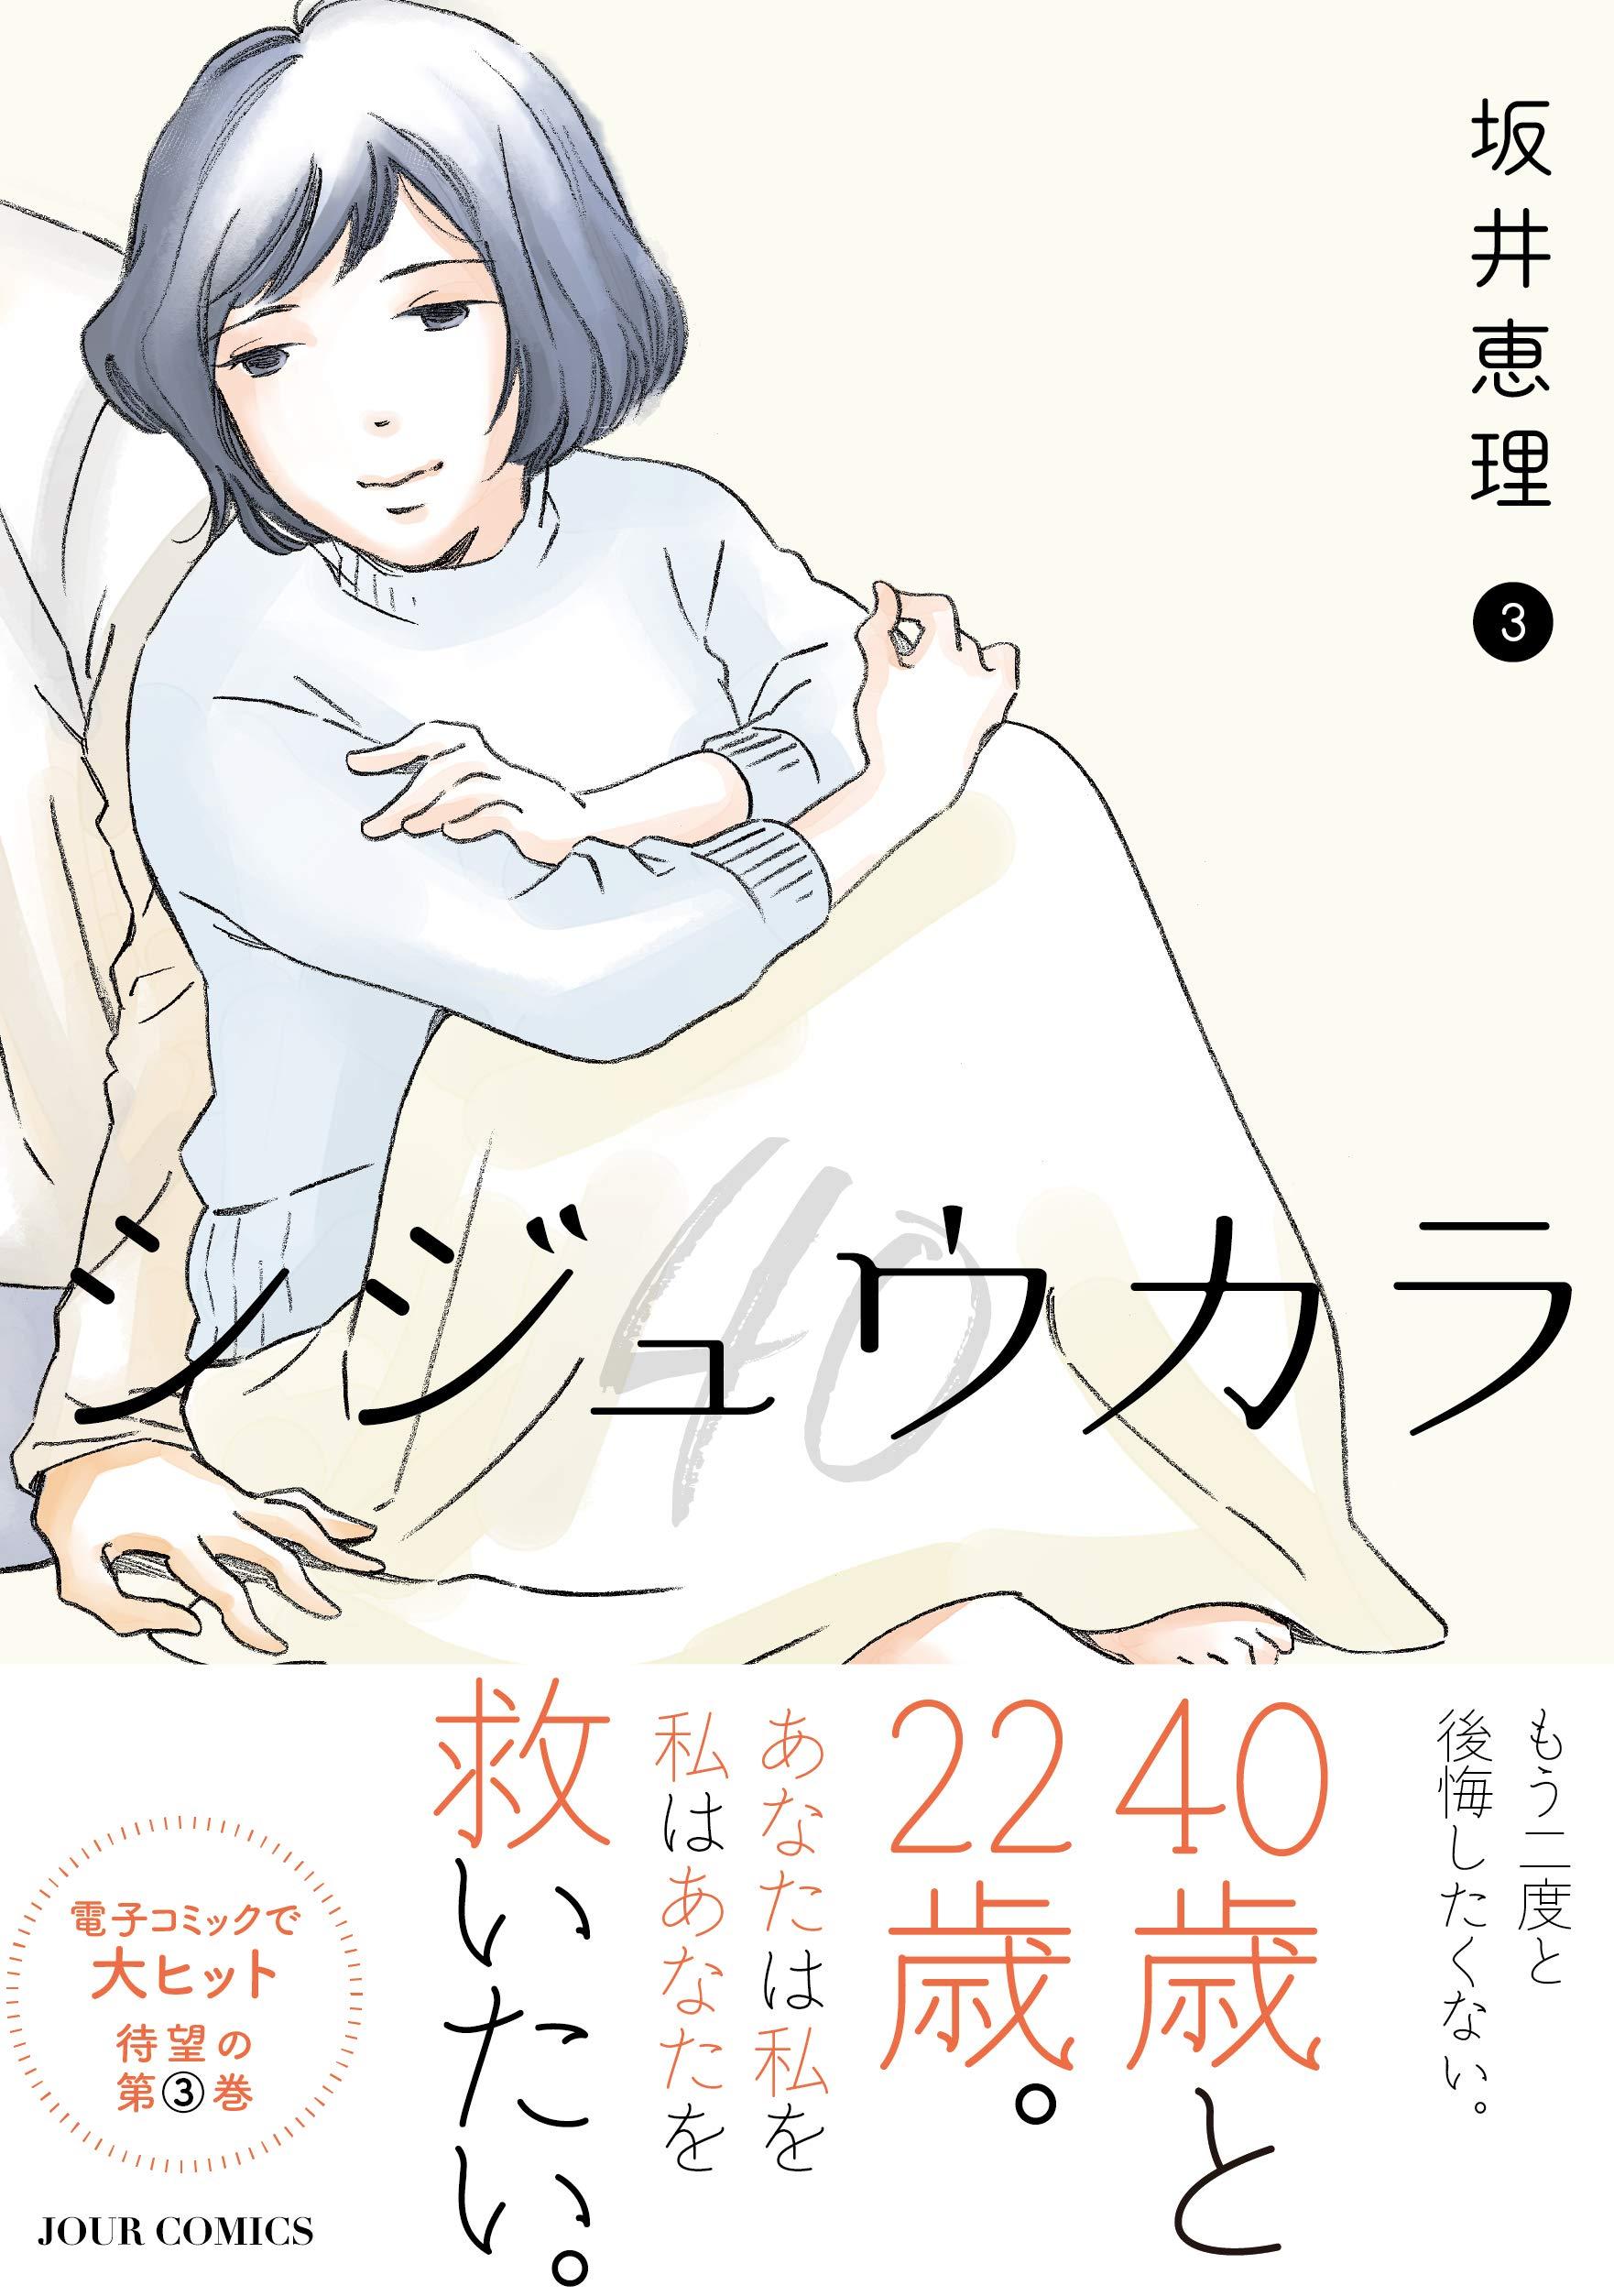 漫画 ネタバレ シジュウカラ シジュウカラのネタバレ(漫画)!年が離れた男女の恋はどうなる?